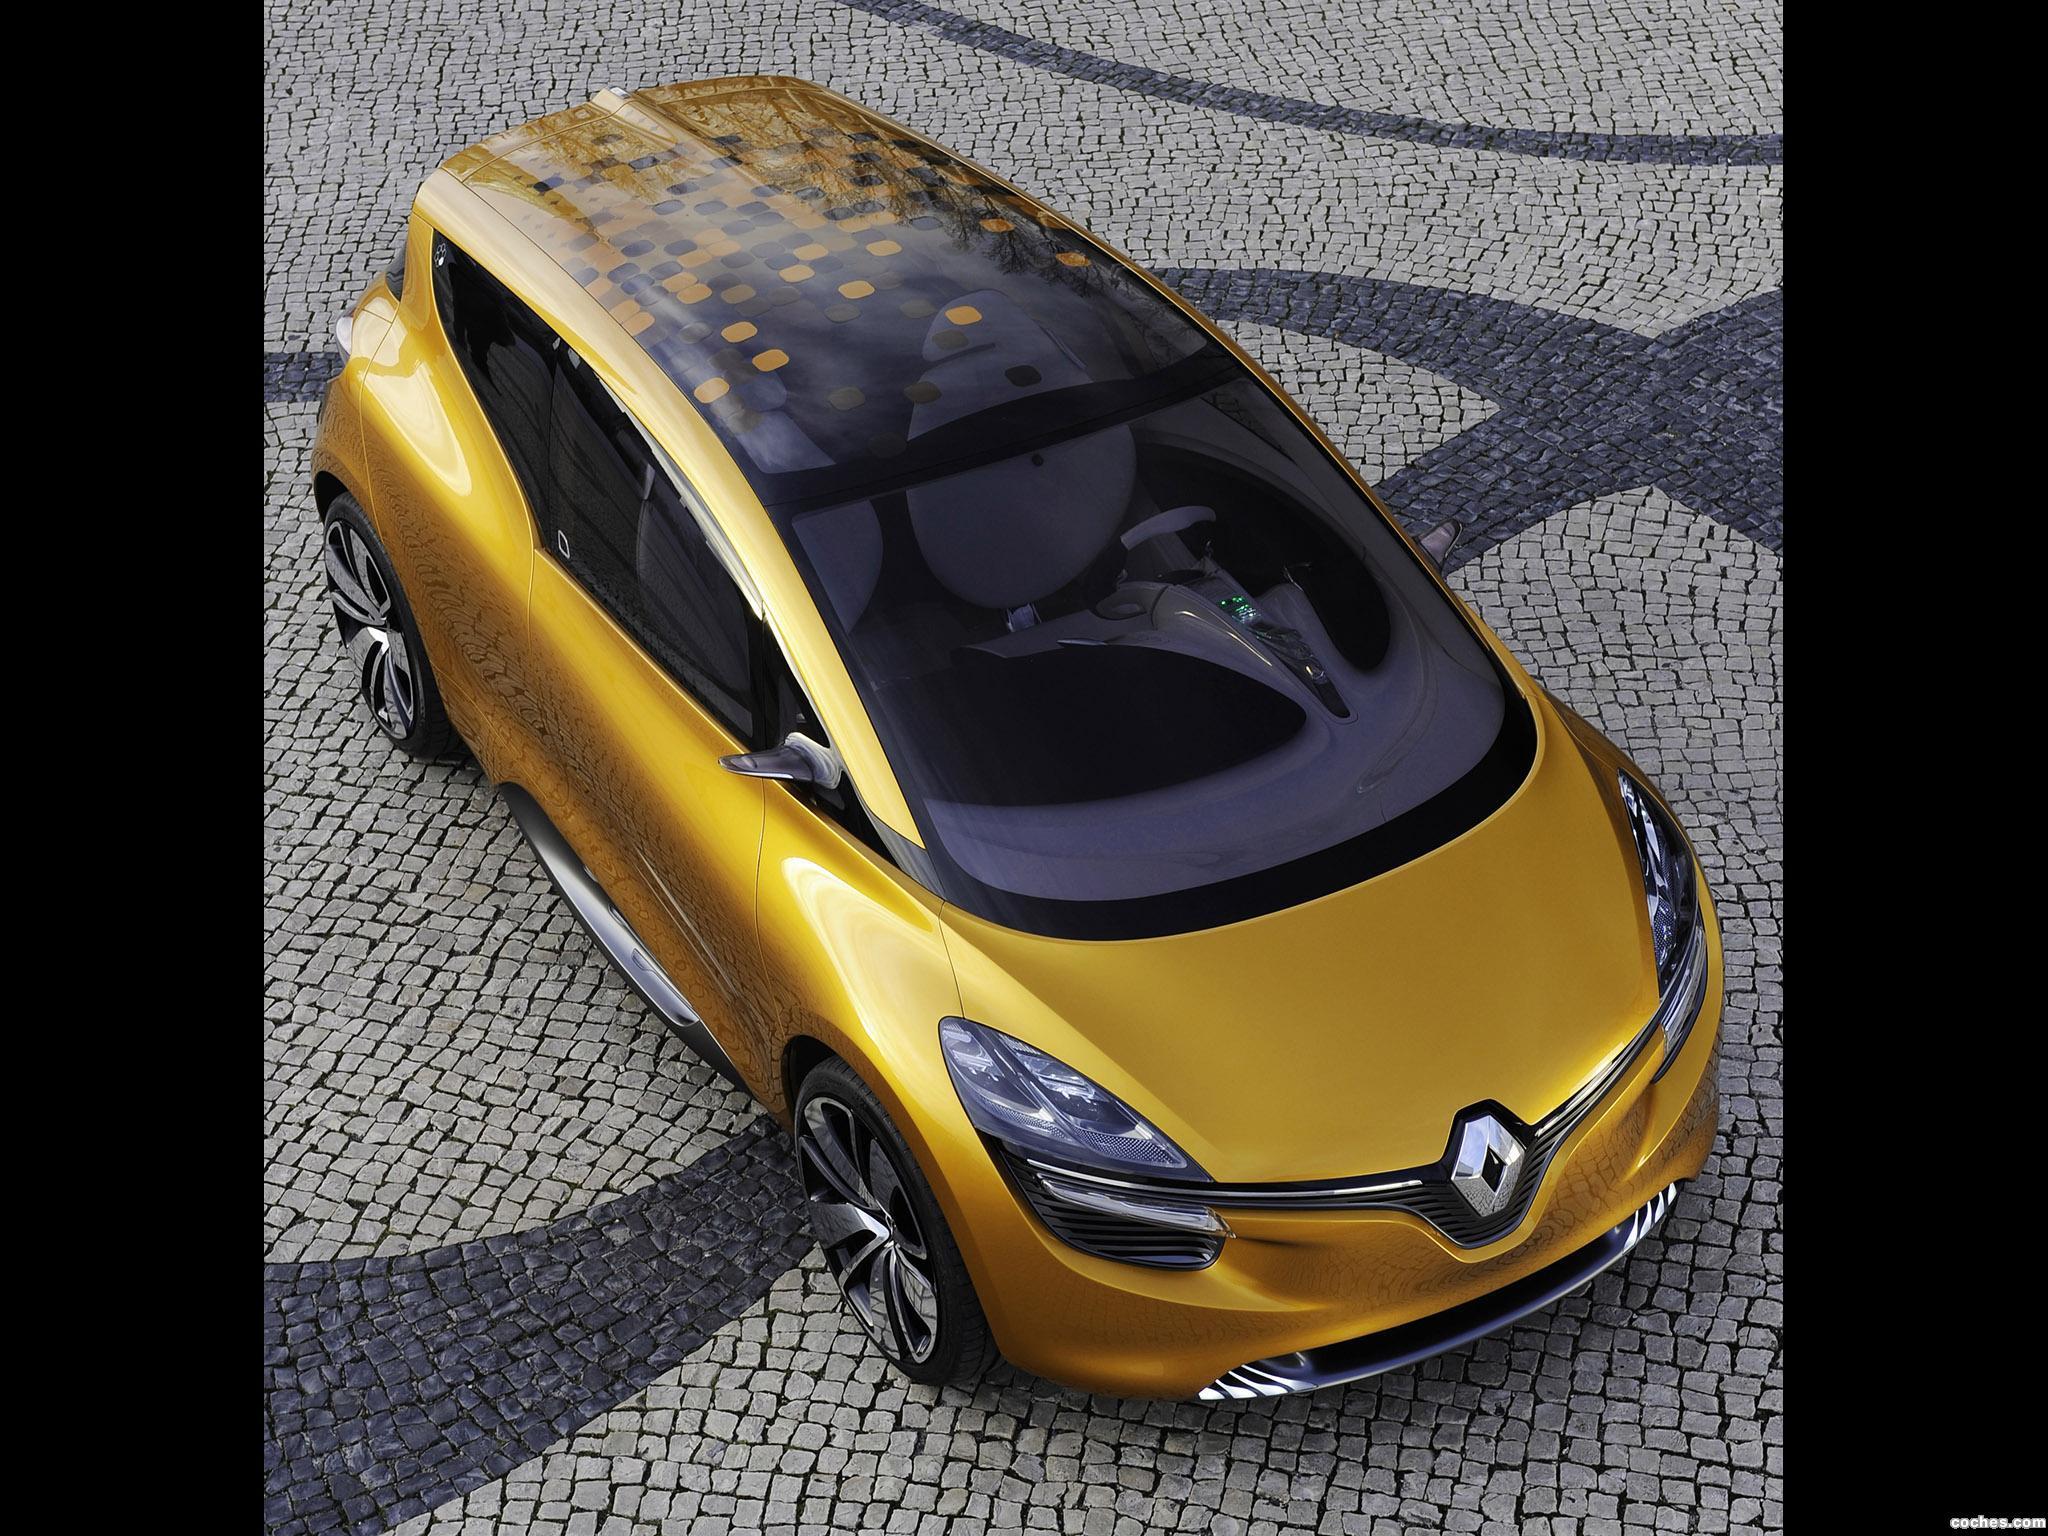 Foto 2 de Renault R-Space Concept 2011